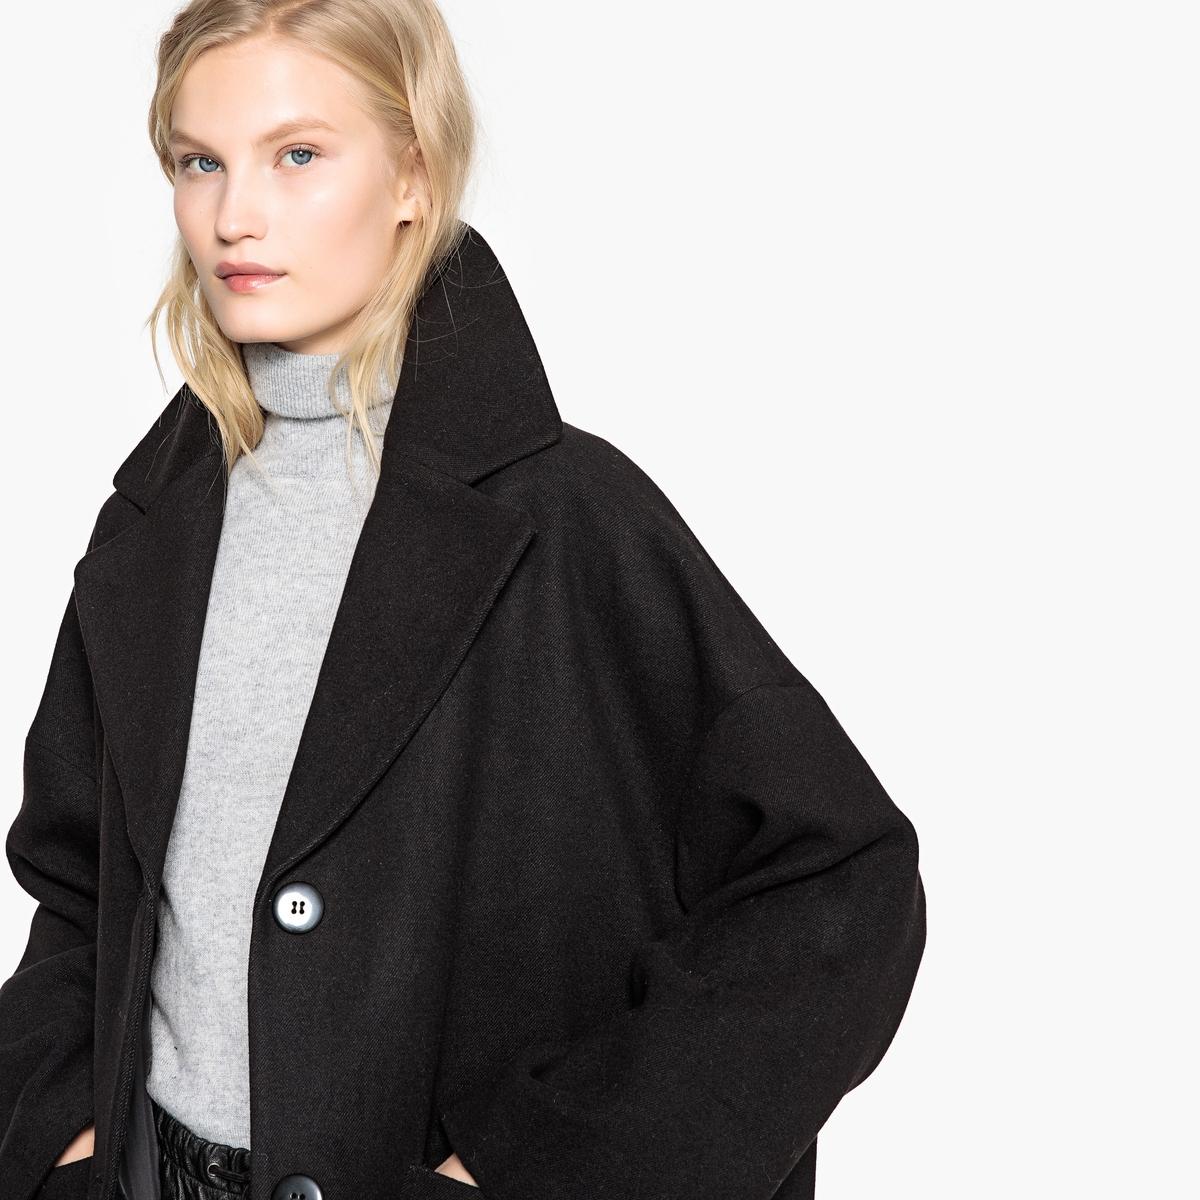 Пальто овальной формы средней длины с застежкой на кнопки